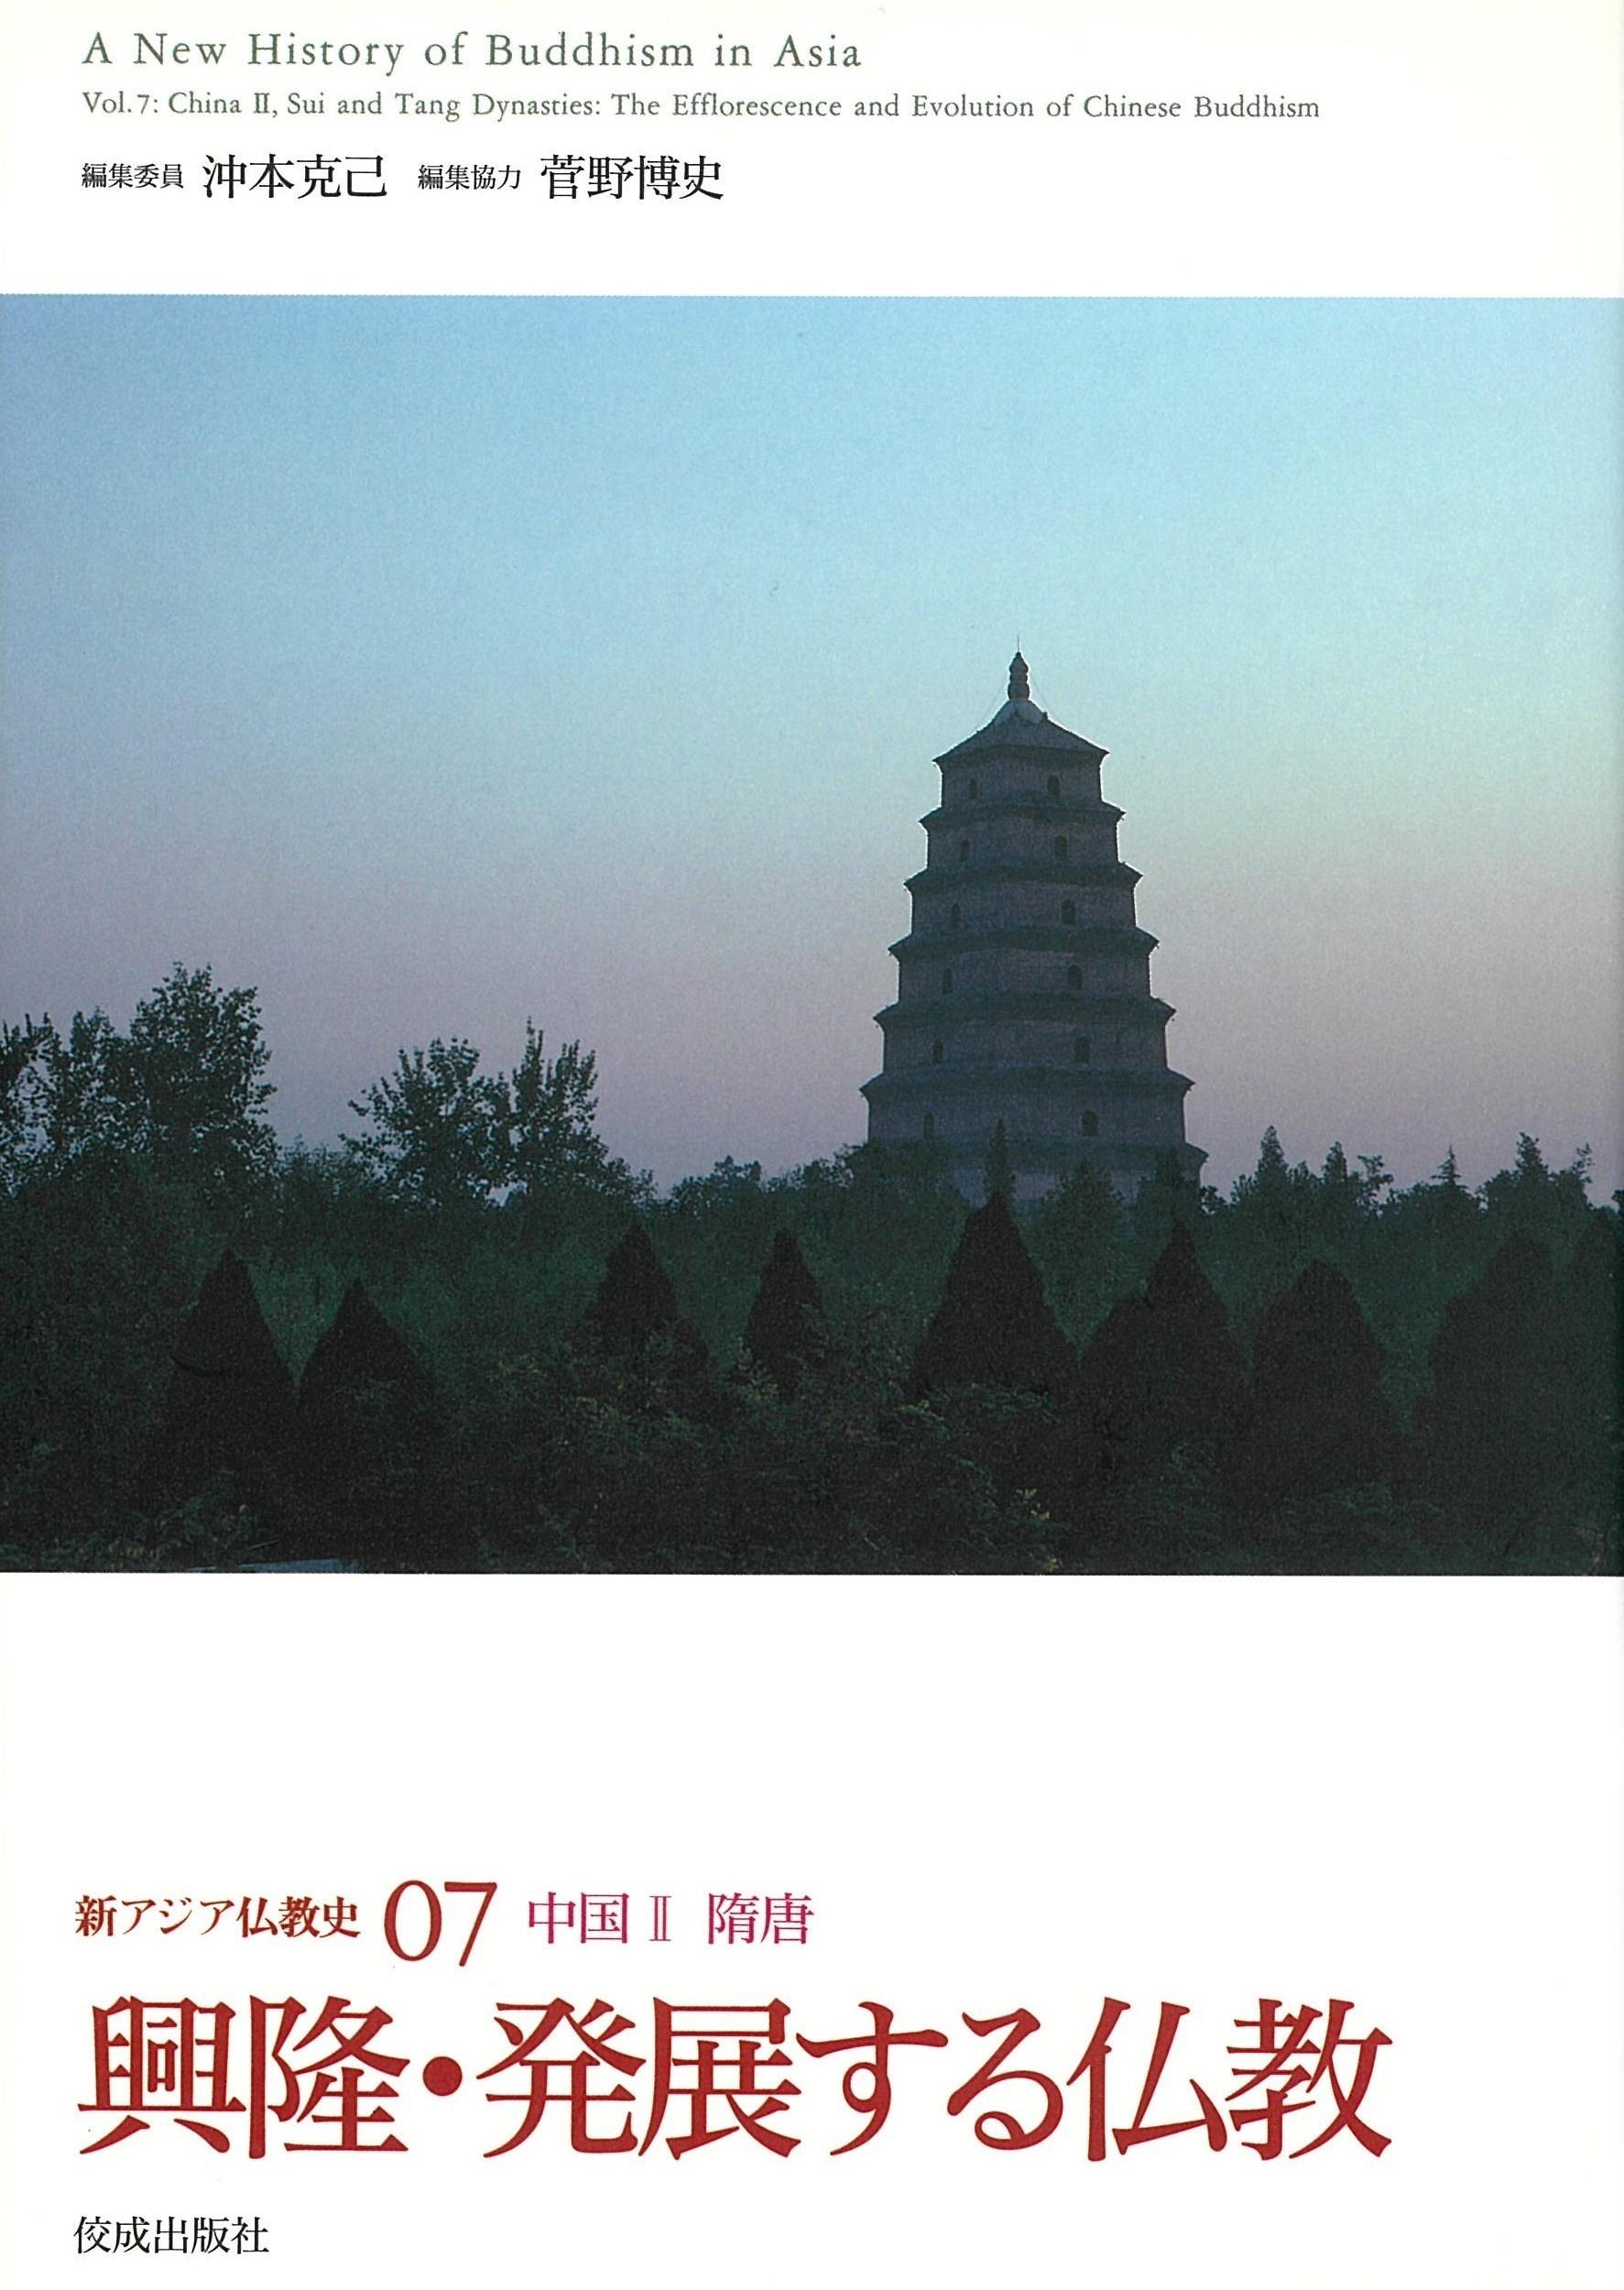 新アジア仏教史 07(中国 2(隋唐)) 興隆・発展する仏教